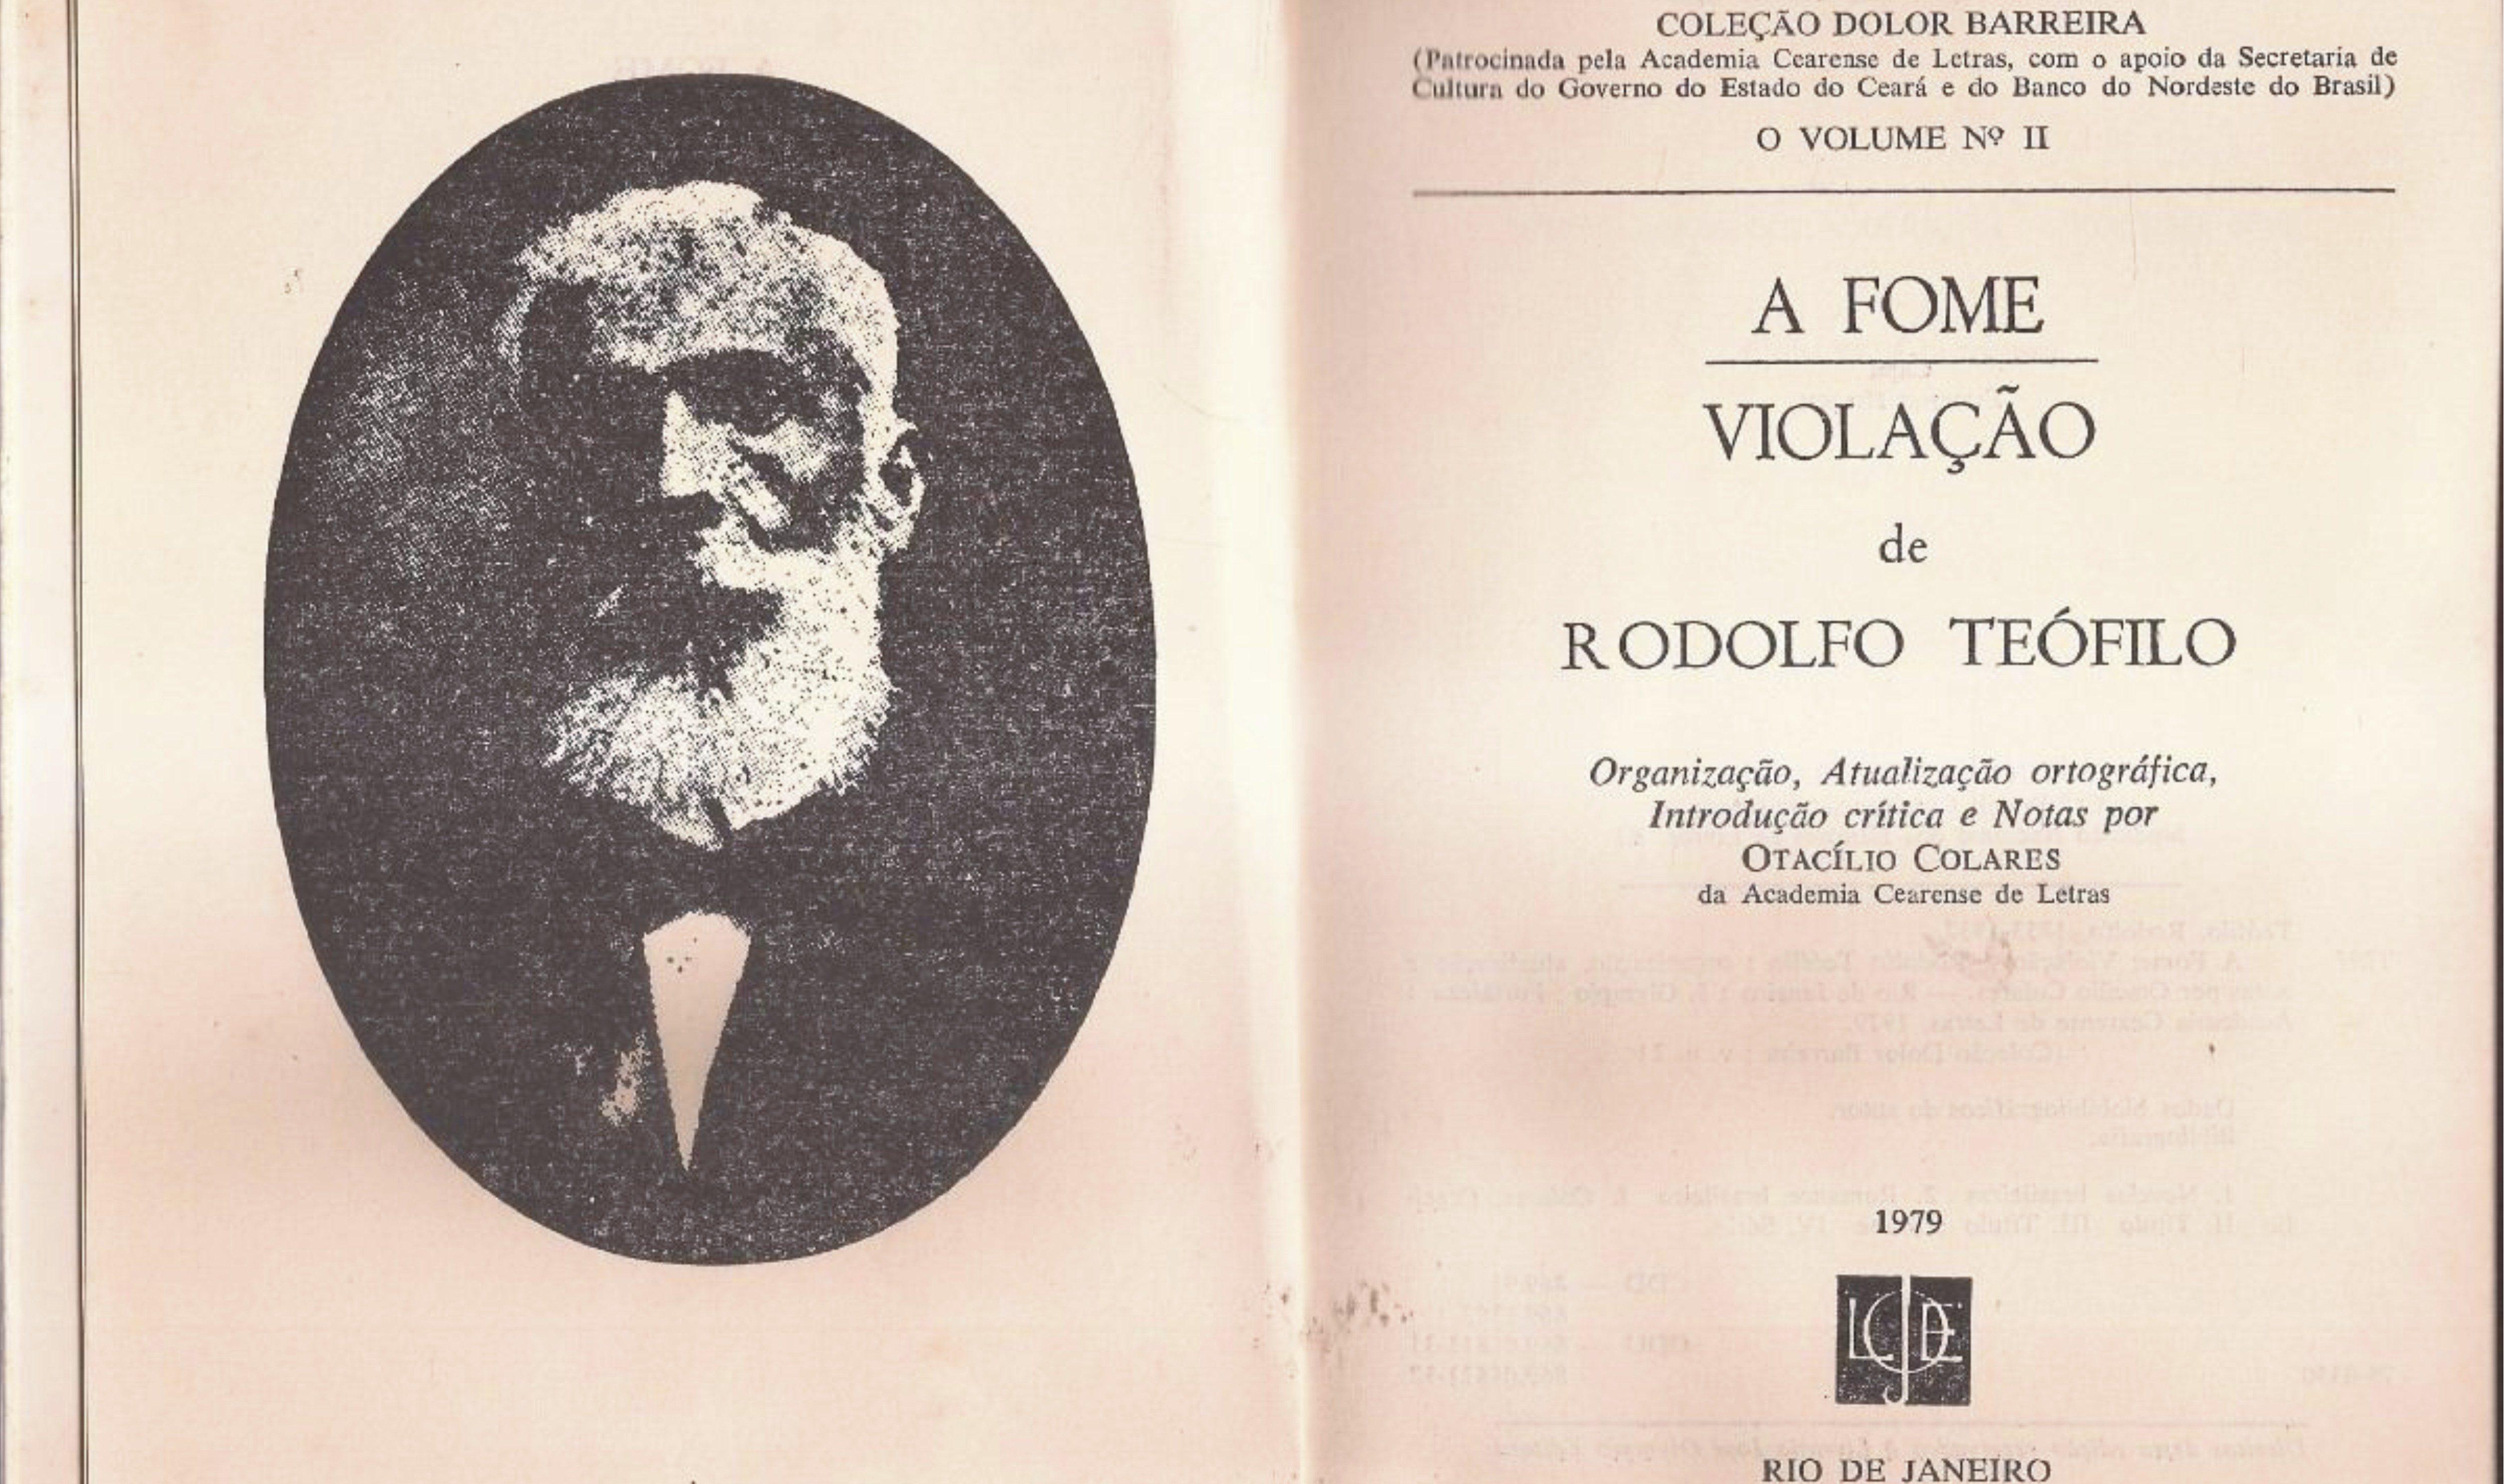 A bruxaria na literatura brasileira (1): A fome, de Rodolfo Teófilo